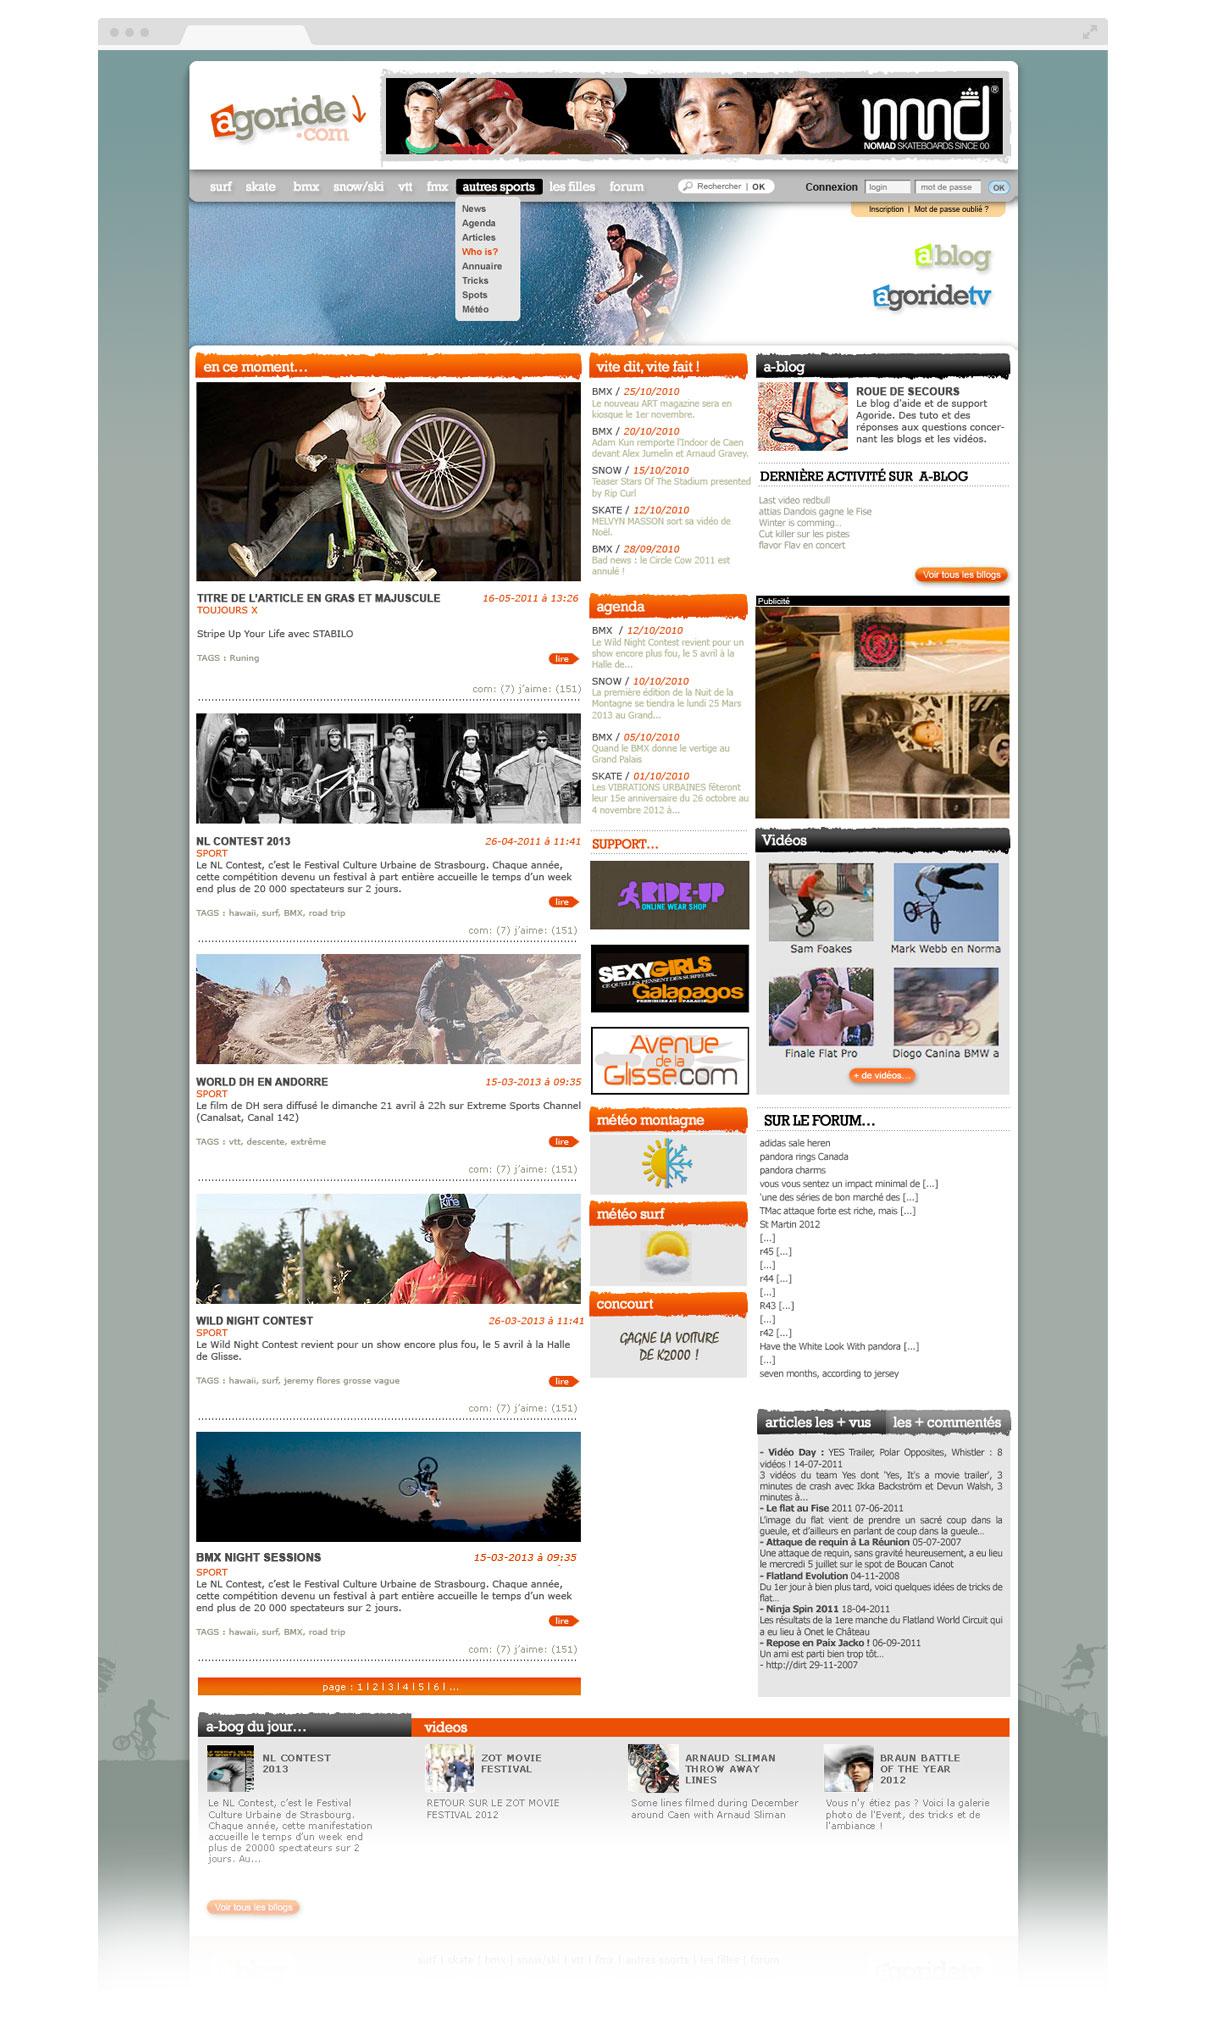 Agoride - Sports extrêmes - BMX - Skate - Surf - Snow - Ski - VTT - Olivier Varma - ovarma creative studio